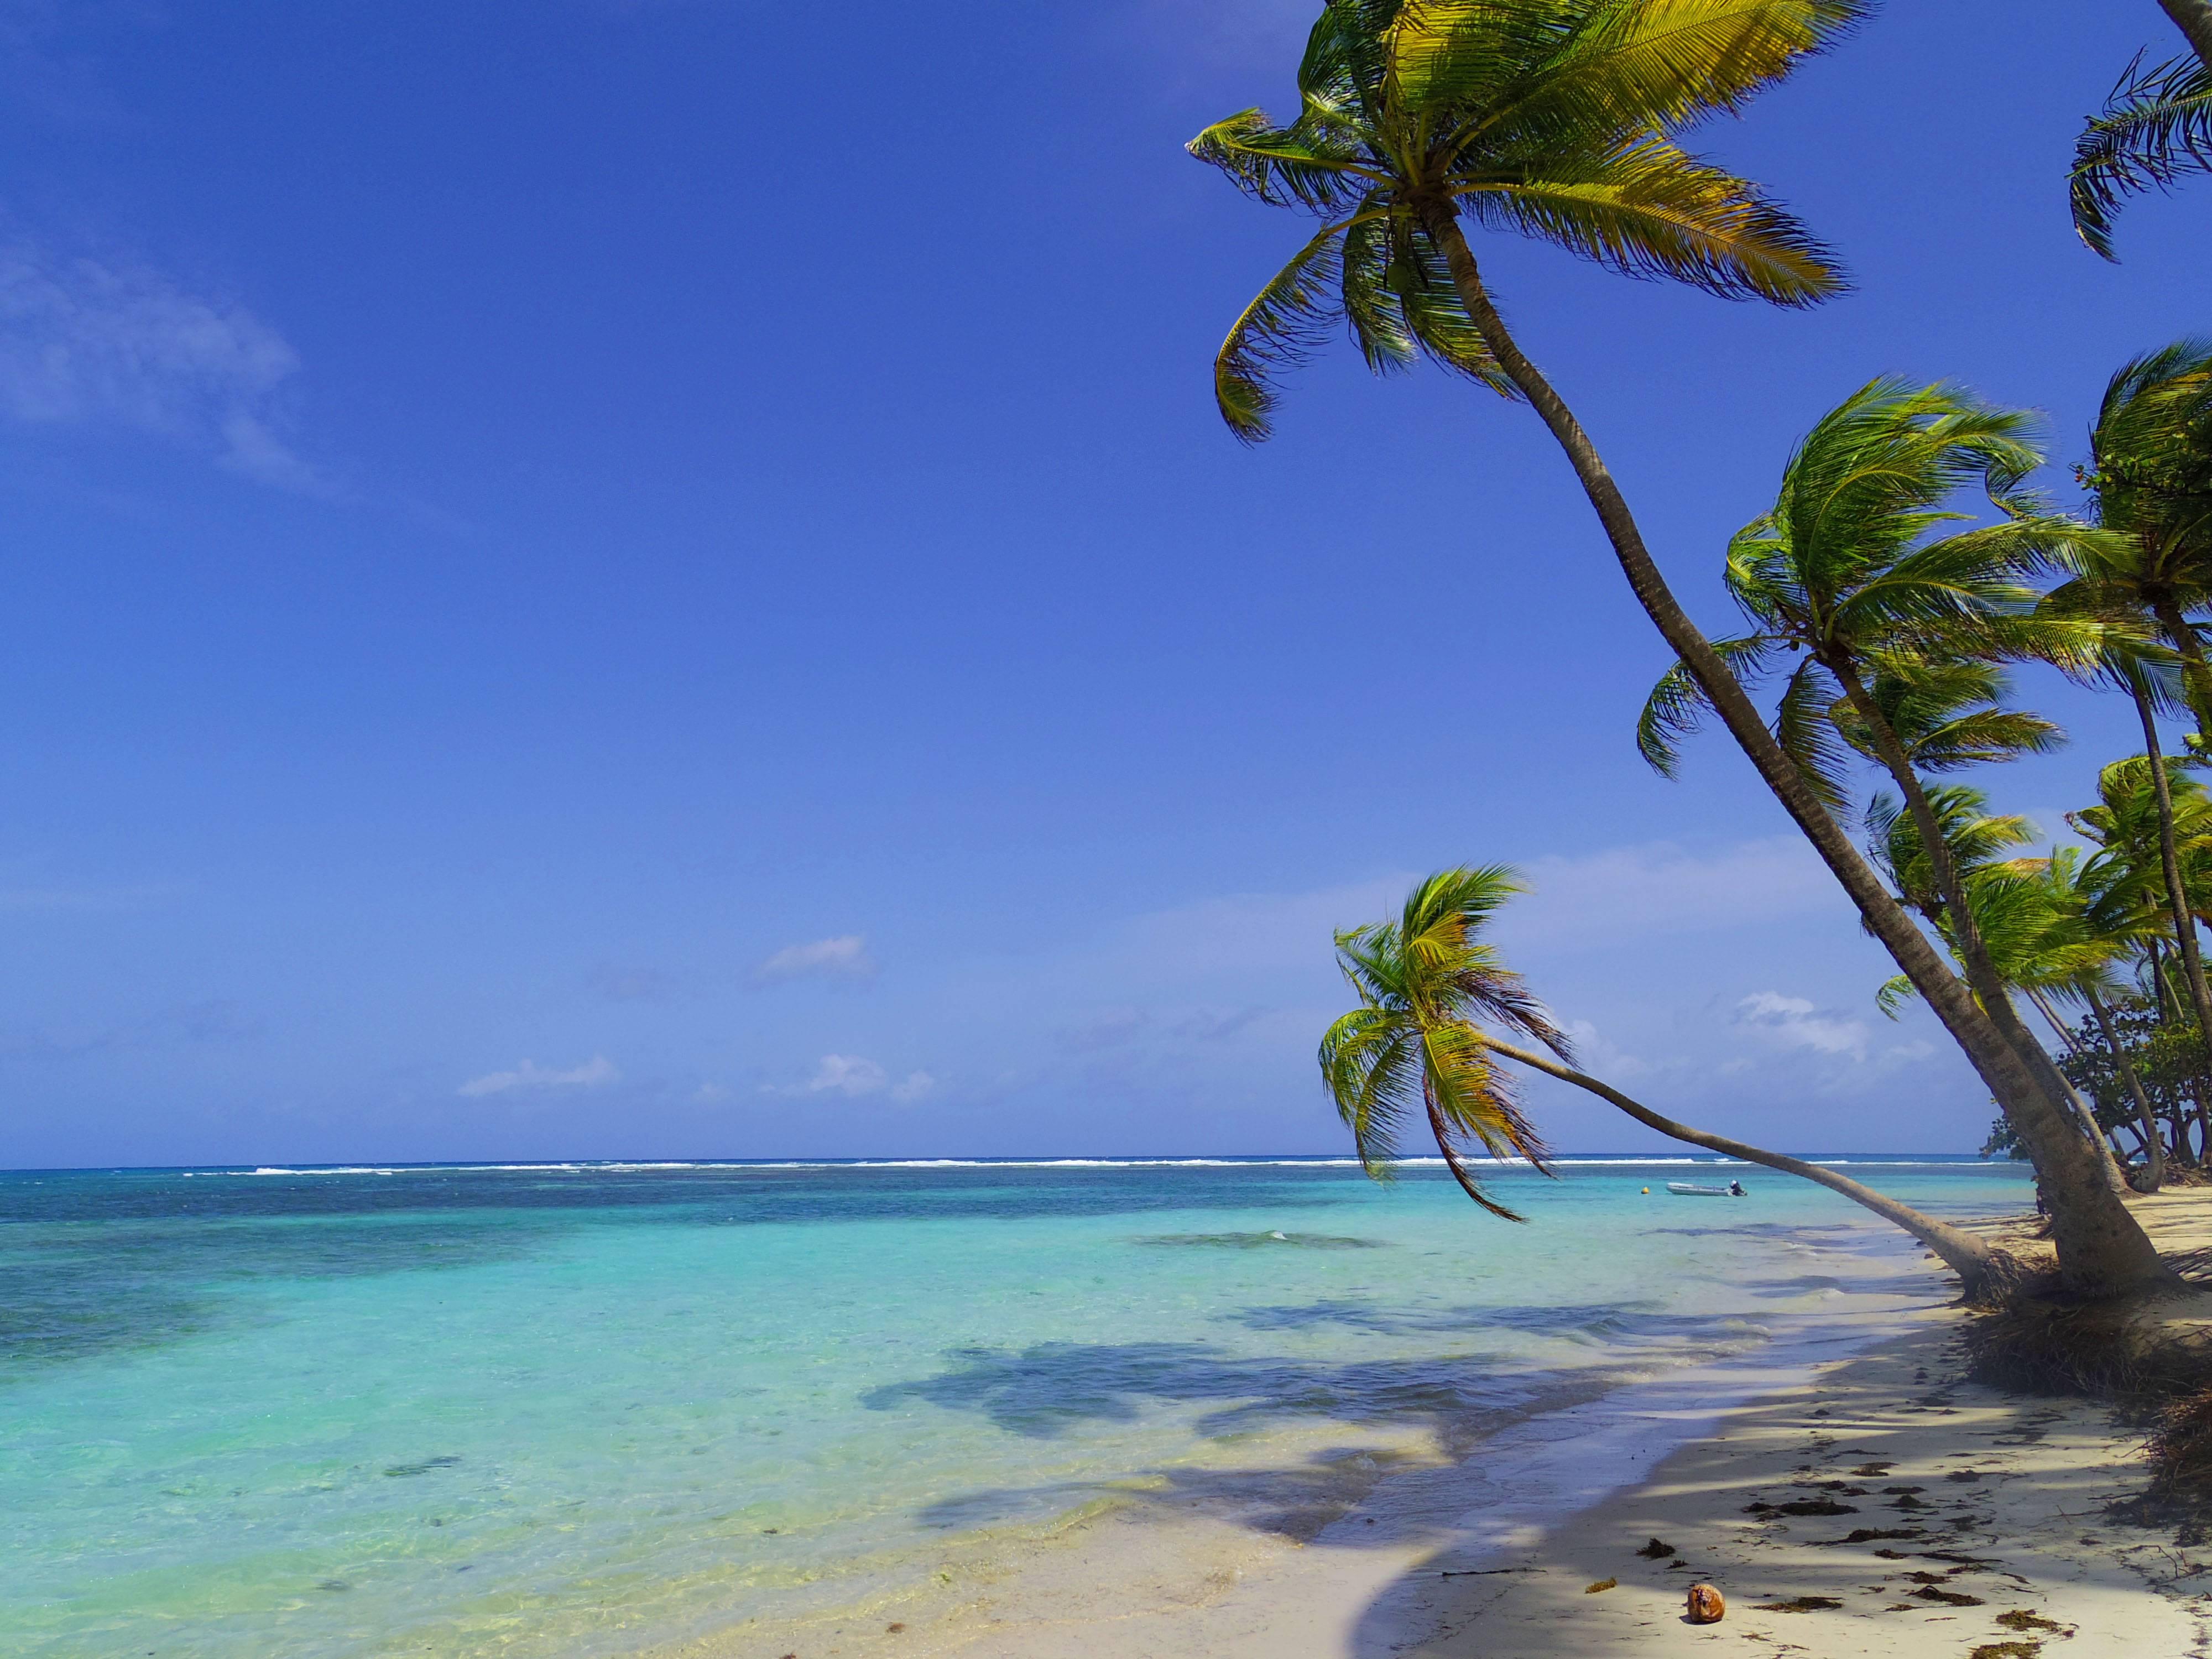 Photo 3: Guadeloupe... Comme dans un rêve !